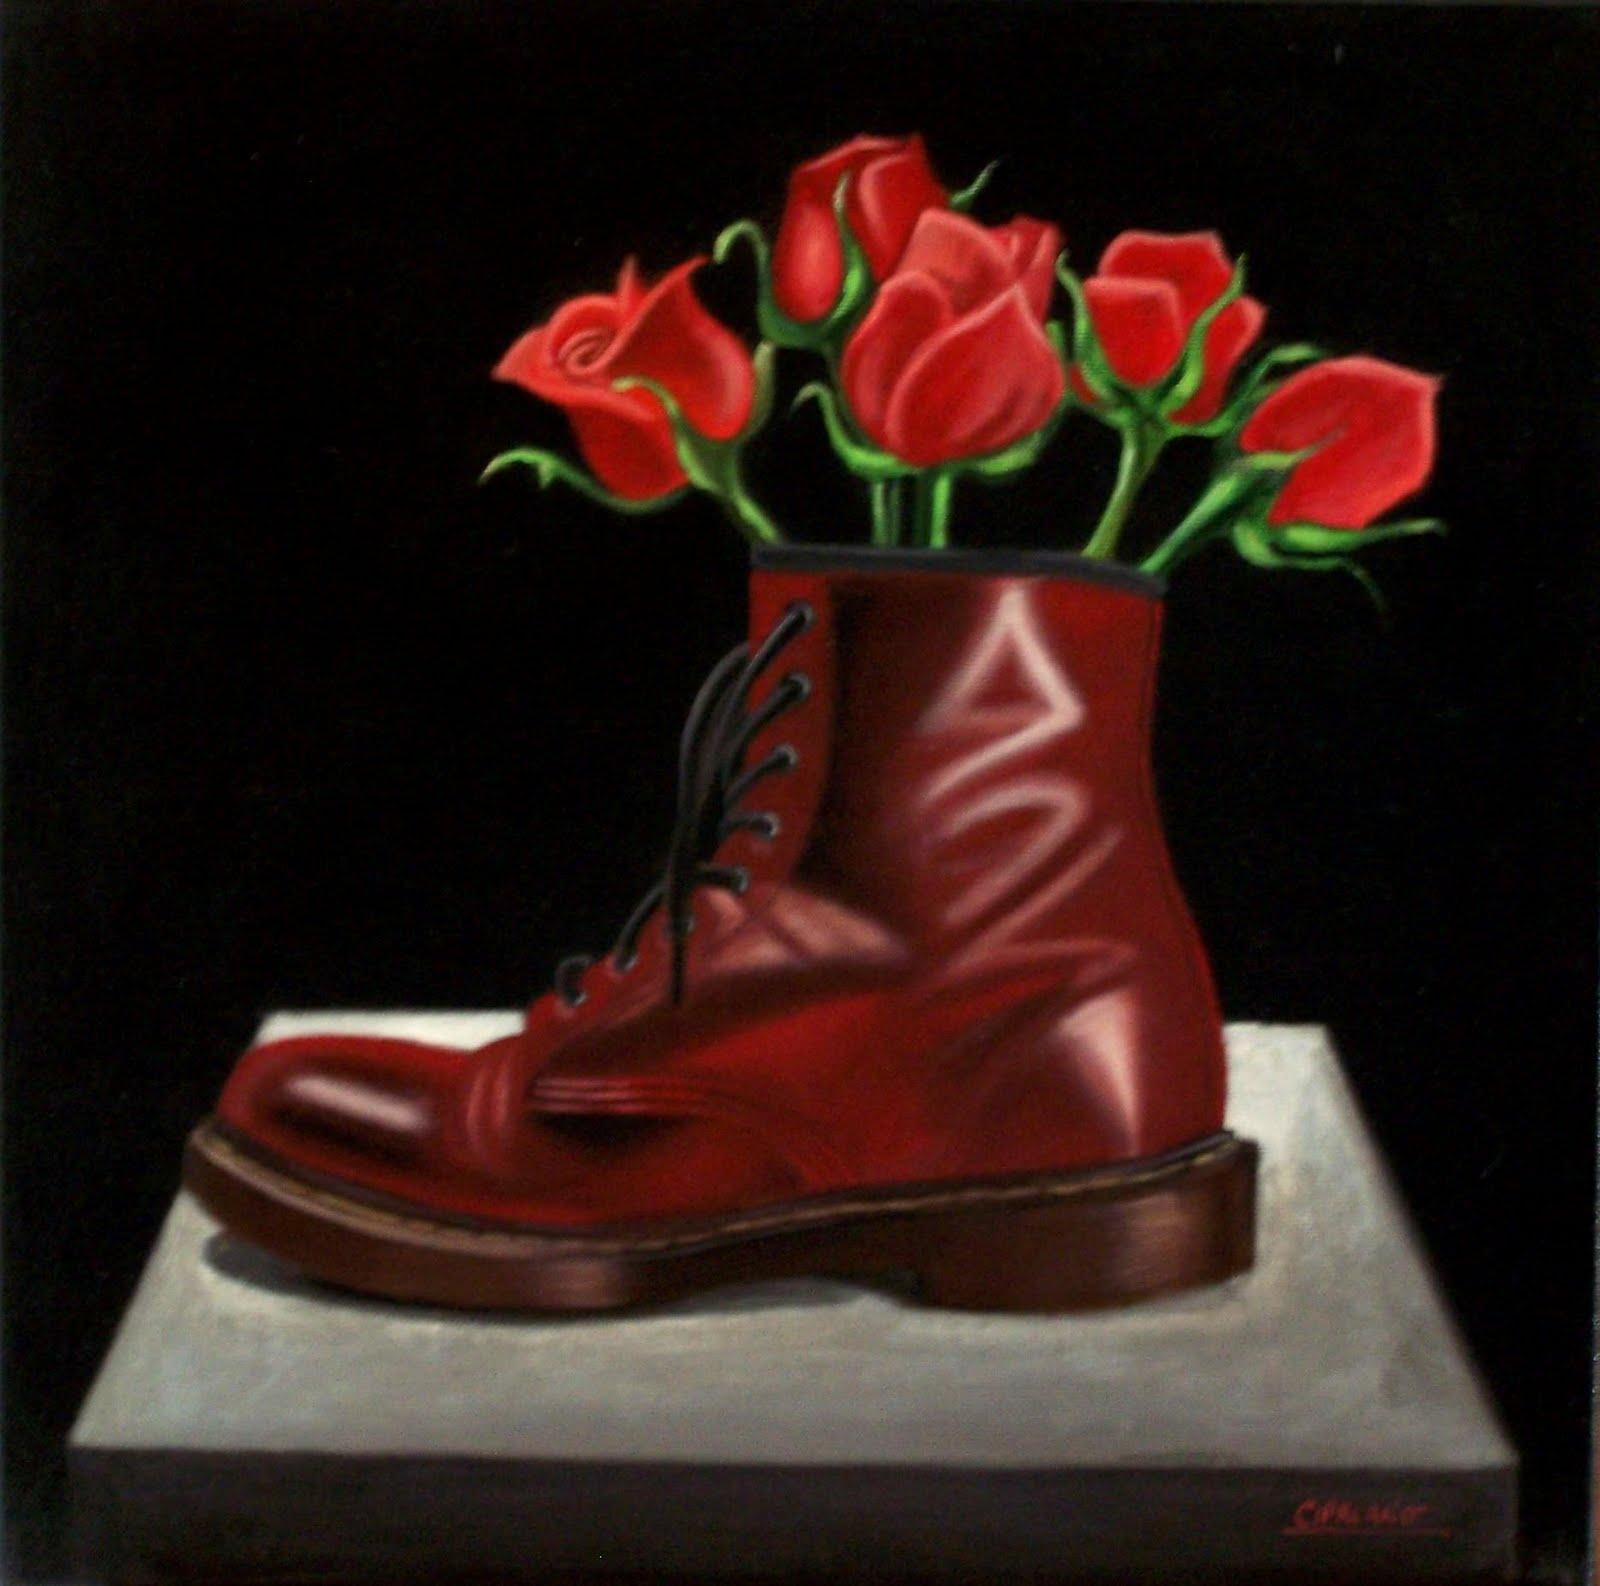 I dipinti di giuseppe cipriano un insolito vaso di fiori for Fiori dipinti a olio